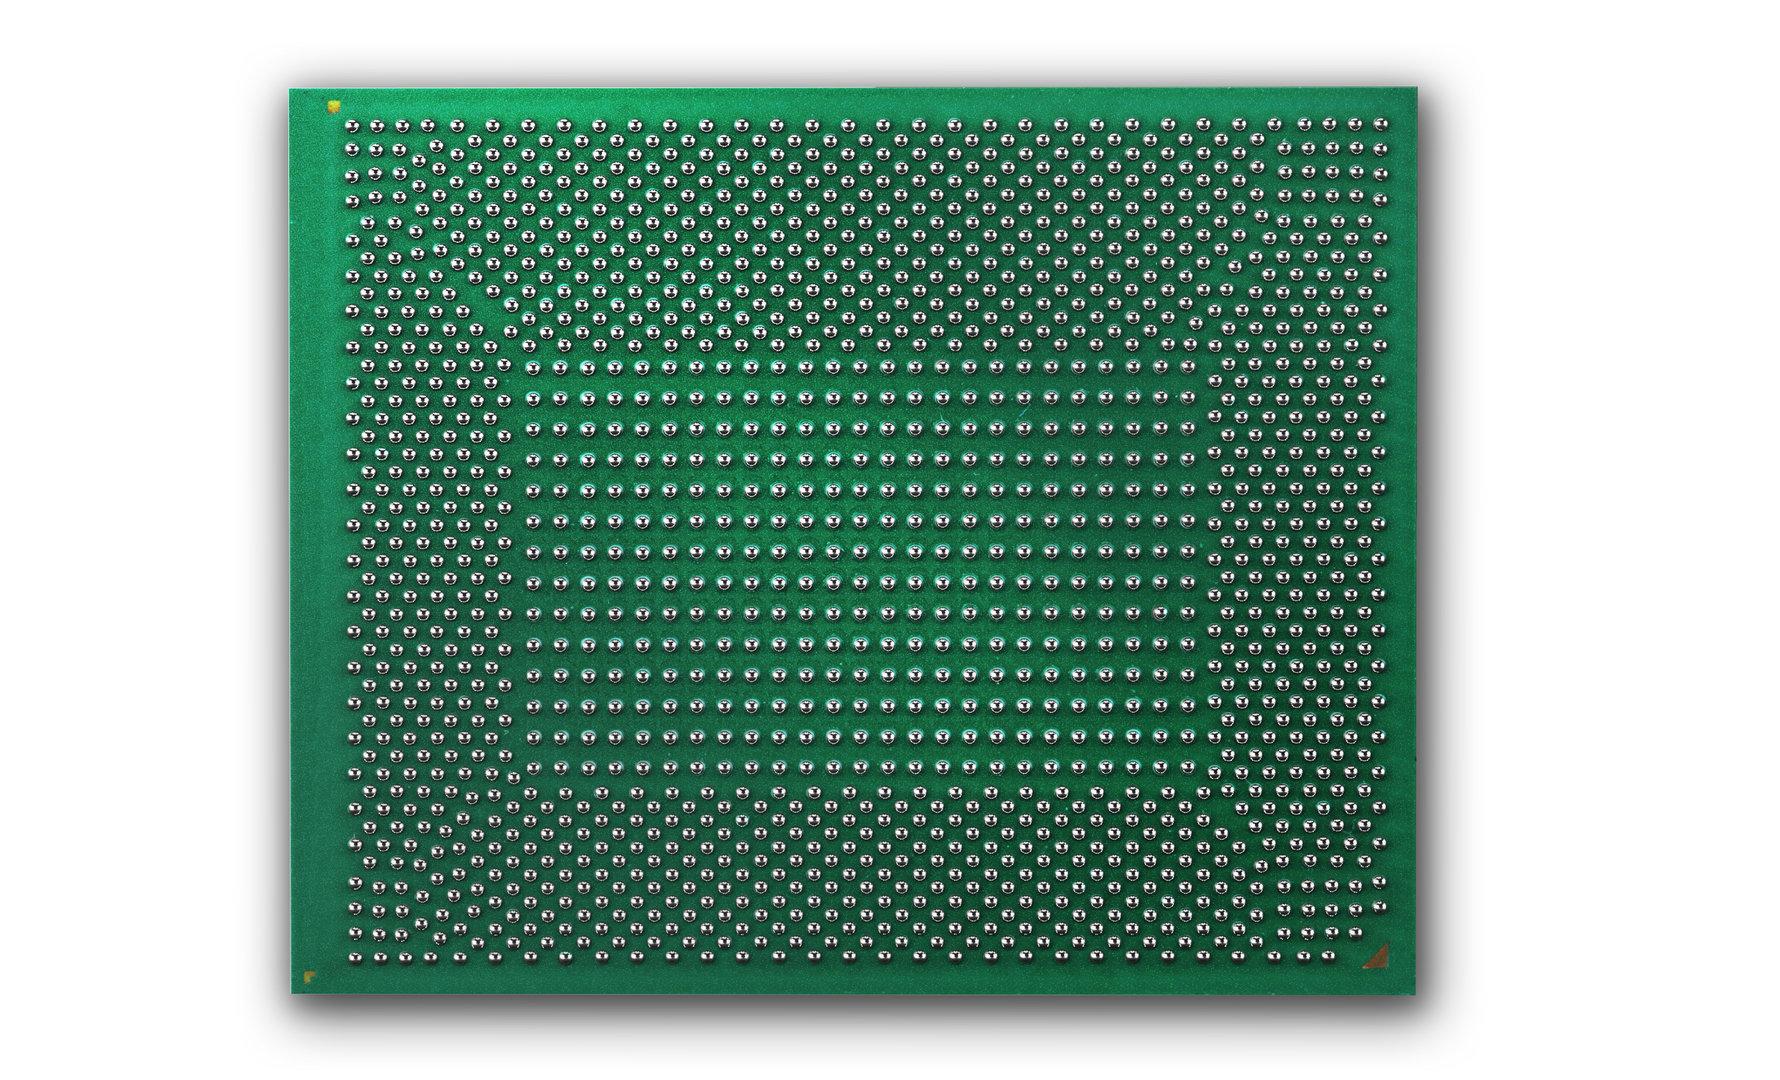 7th Gen Intel Core Y-series